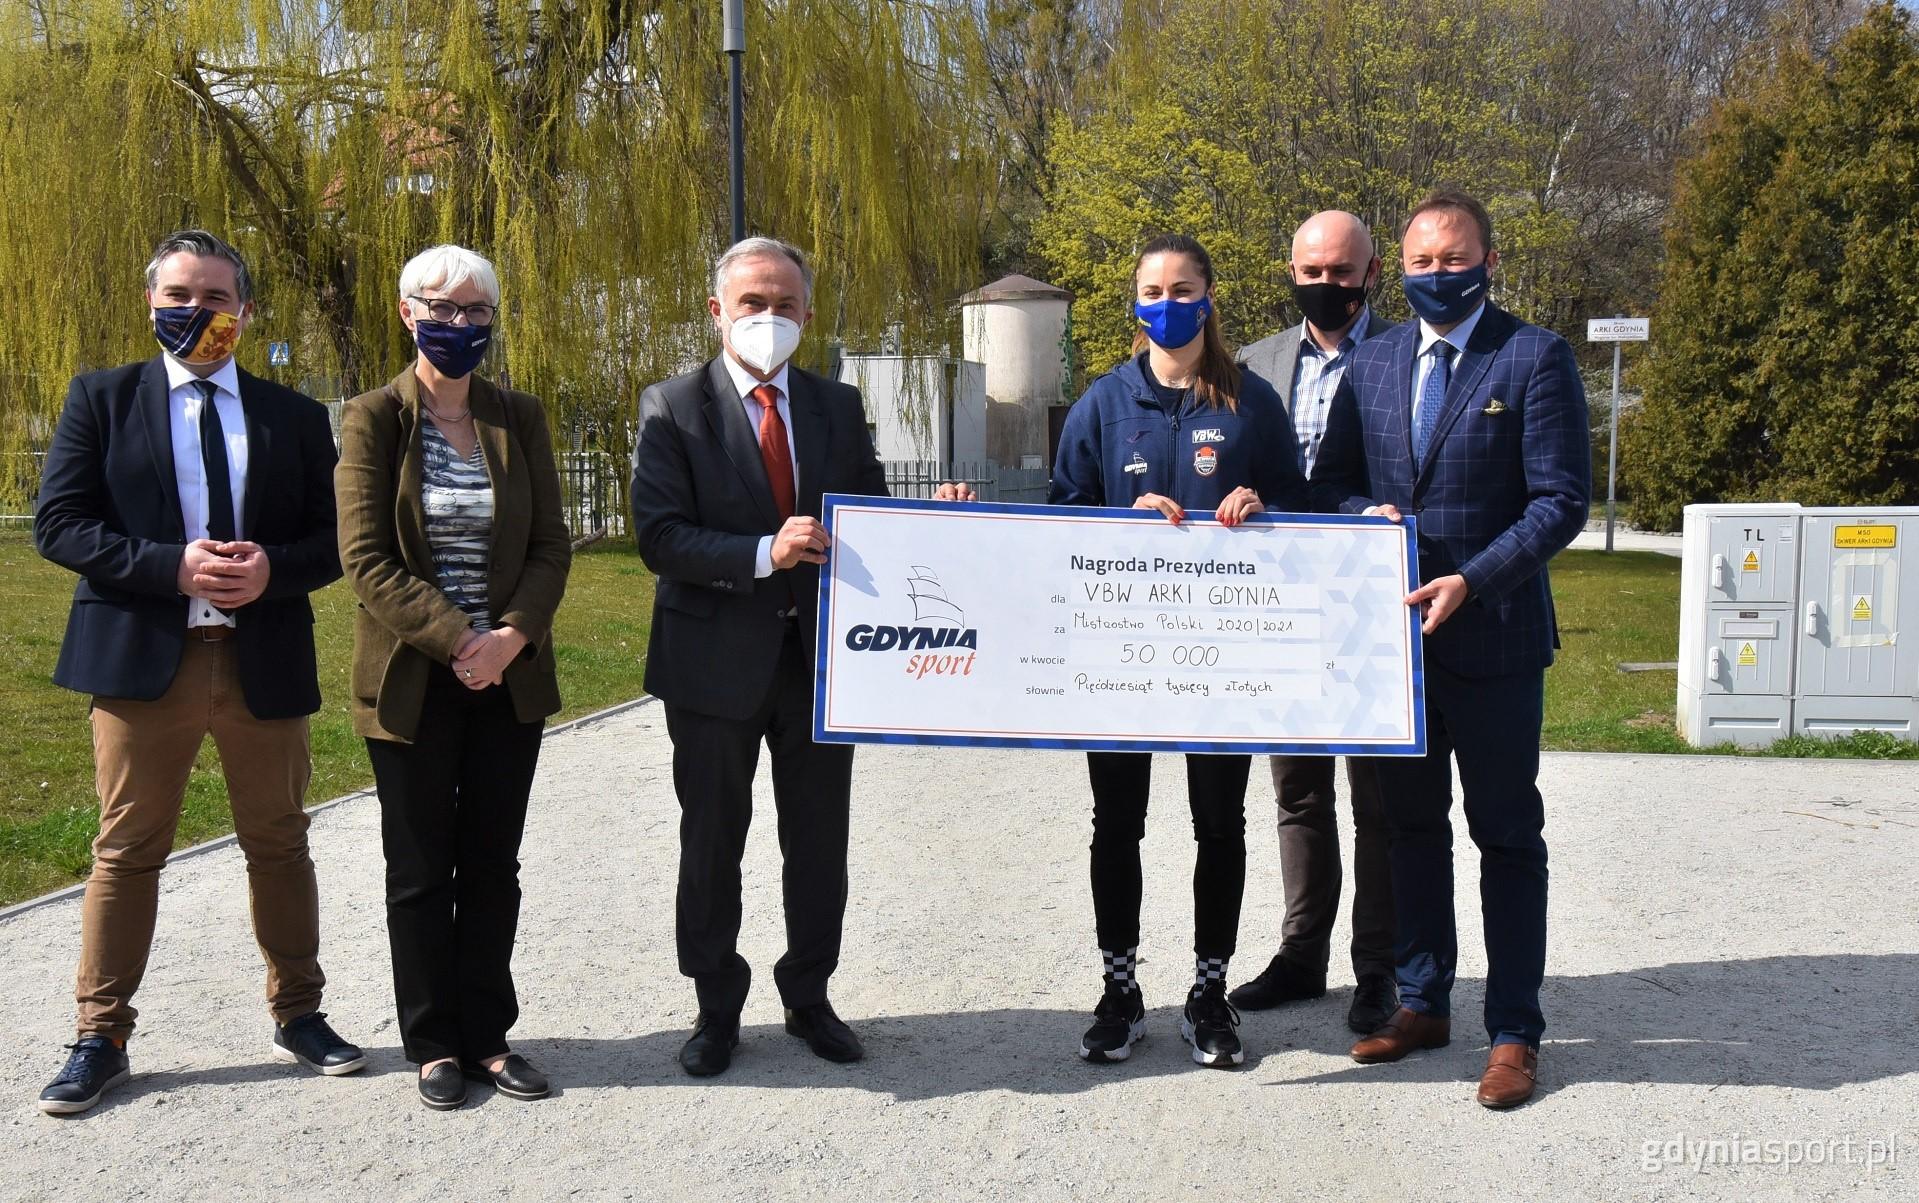 Na zdjęciu widzimy władze miasta na czele z prezydentem Wojciechem Szczurkiem, który wręcza czek kapitan zespołu VBW Arki Barborze Balintovej